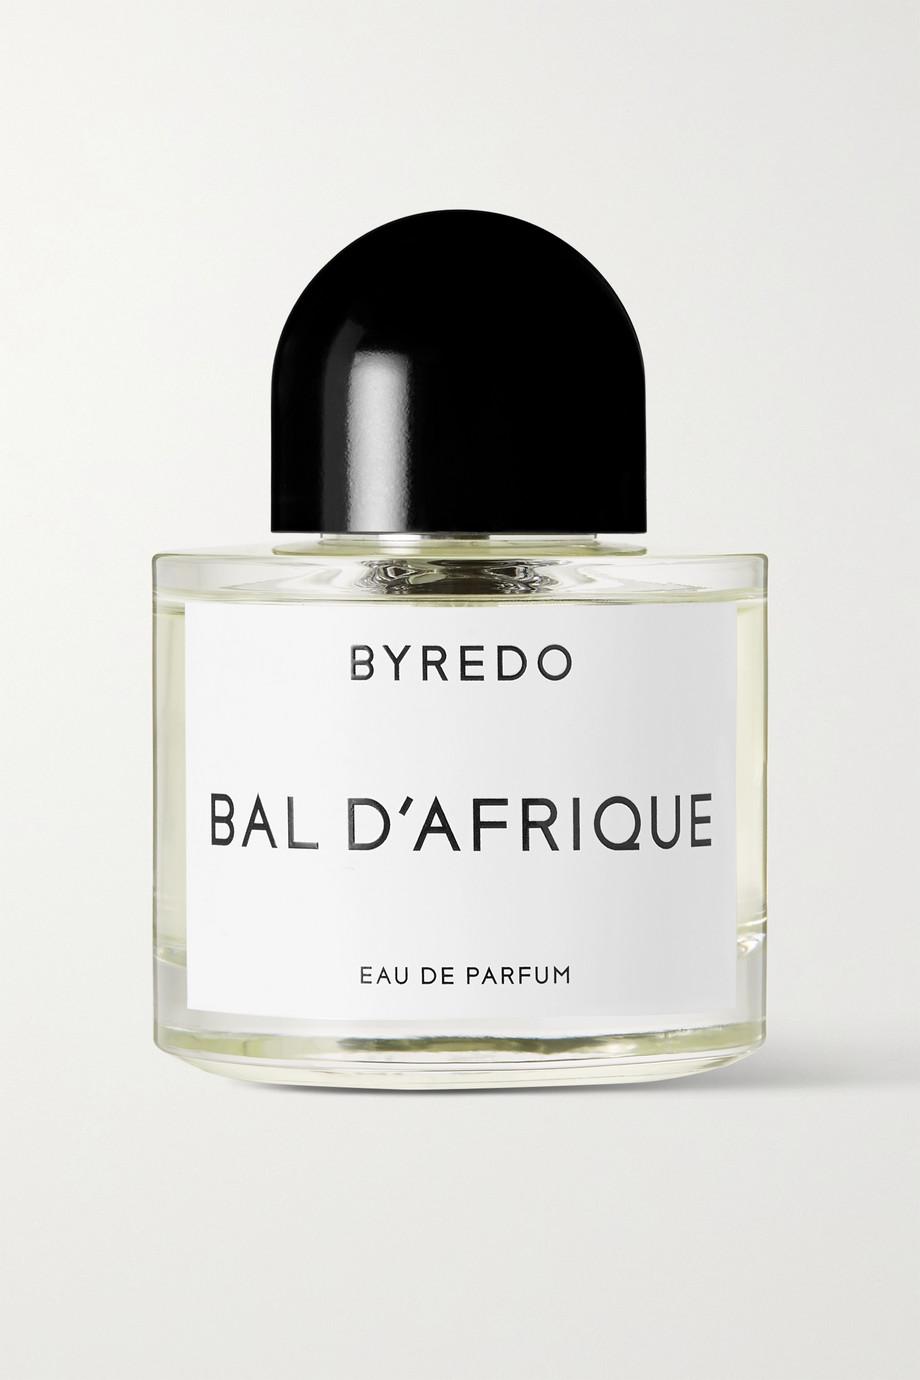 Byredo Eau de Parfum - Bal D'Afrique, 50ml